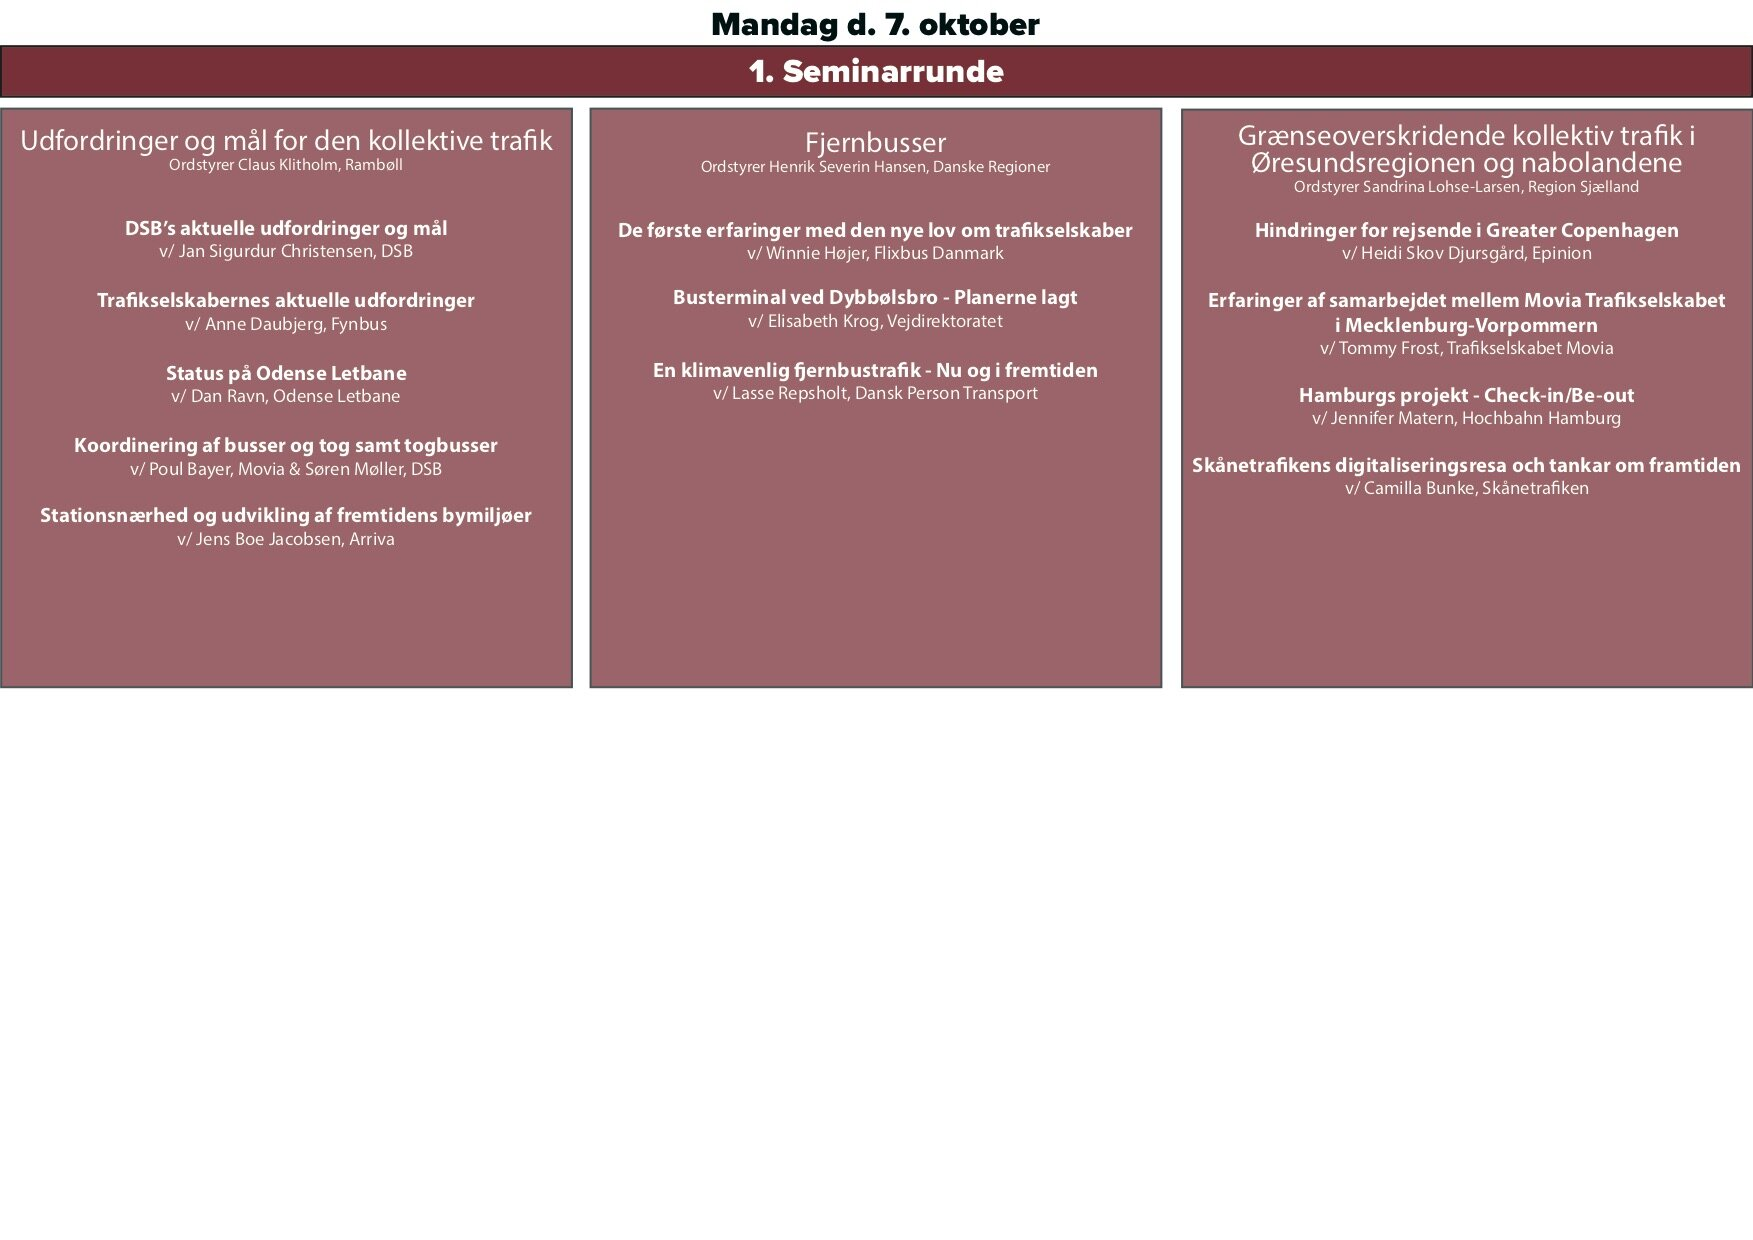 Mandag sessioner - Kollektiv Trafik Konference Program 2019 copy.jpg